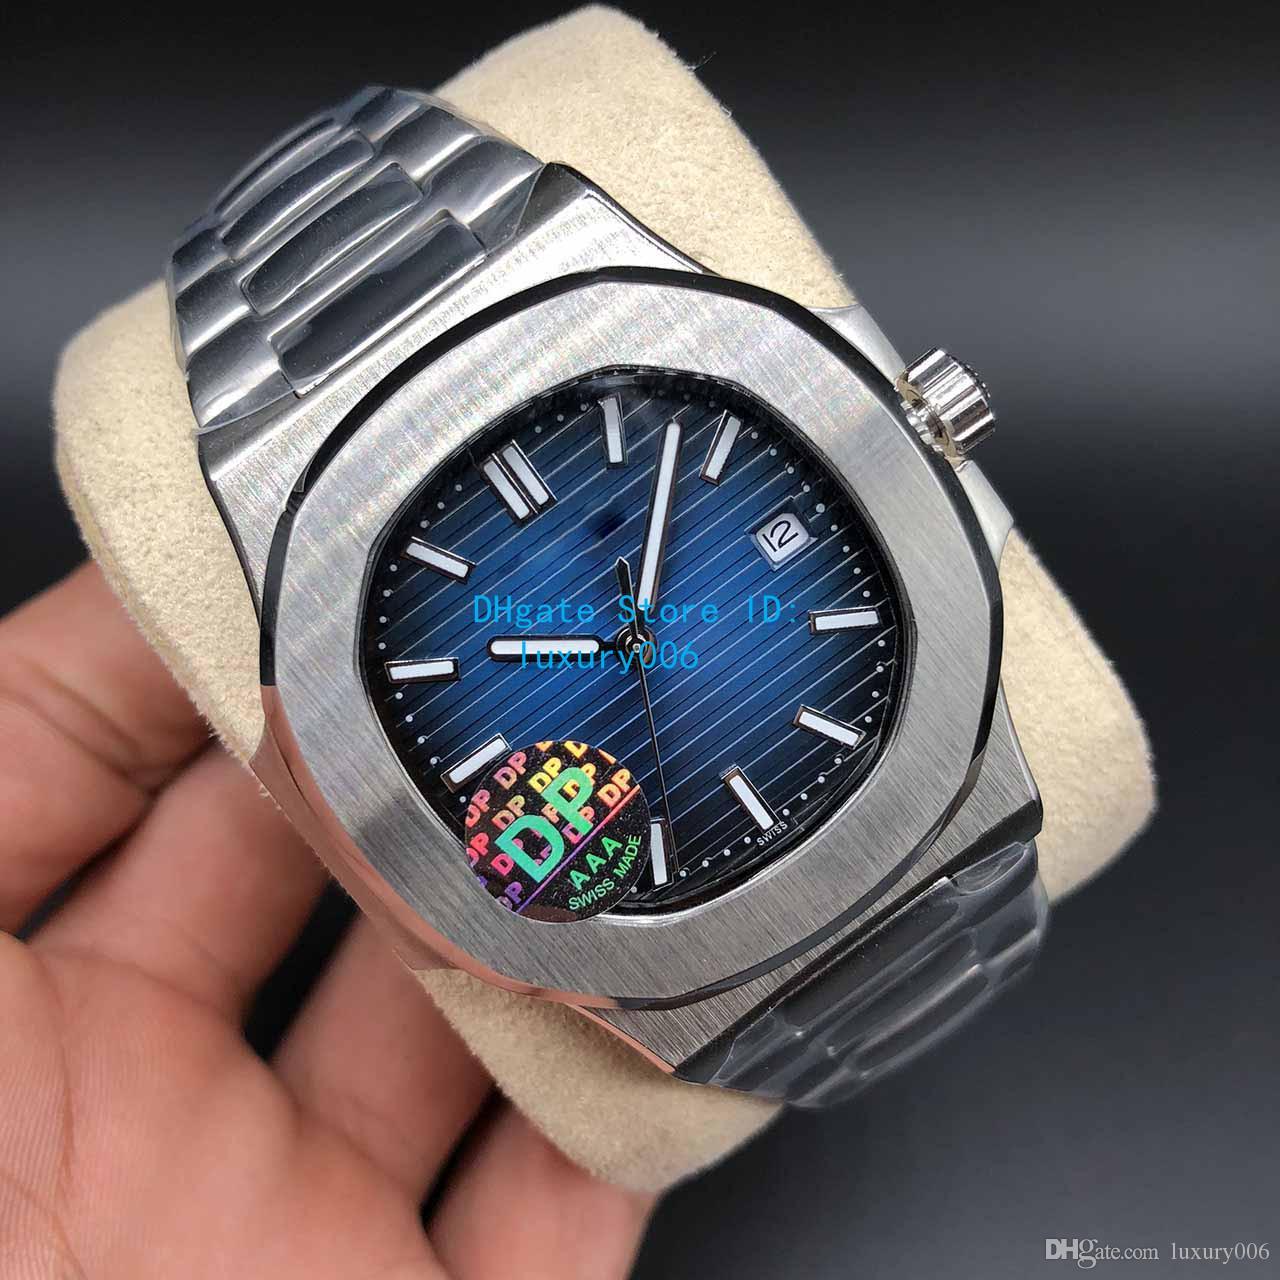 DP de calidad superior esfera azul Asia 2813 Movimiento de zafiro Relojes de pulsera 40mm Nautilus 5711 Mecánico Transparente Automático Reloj para hombre Relojes